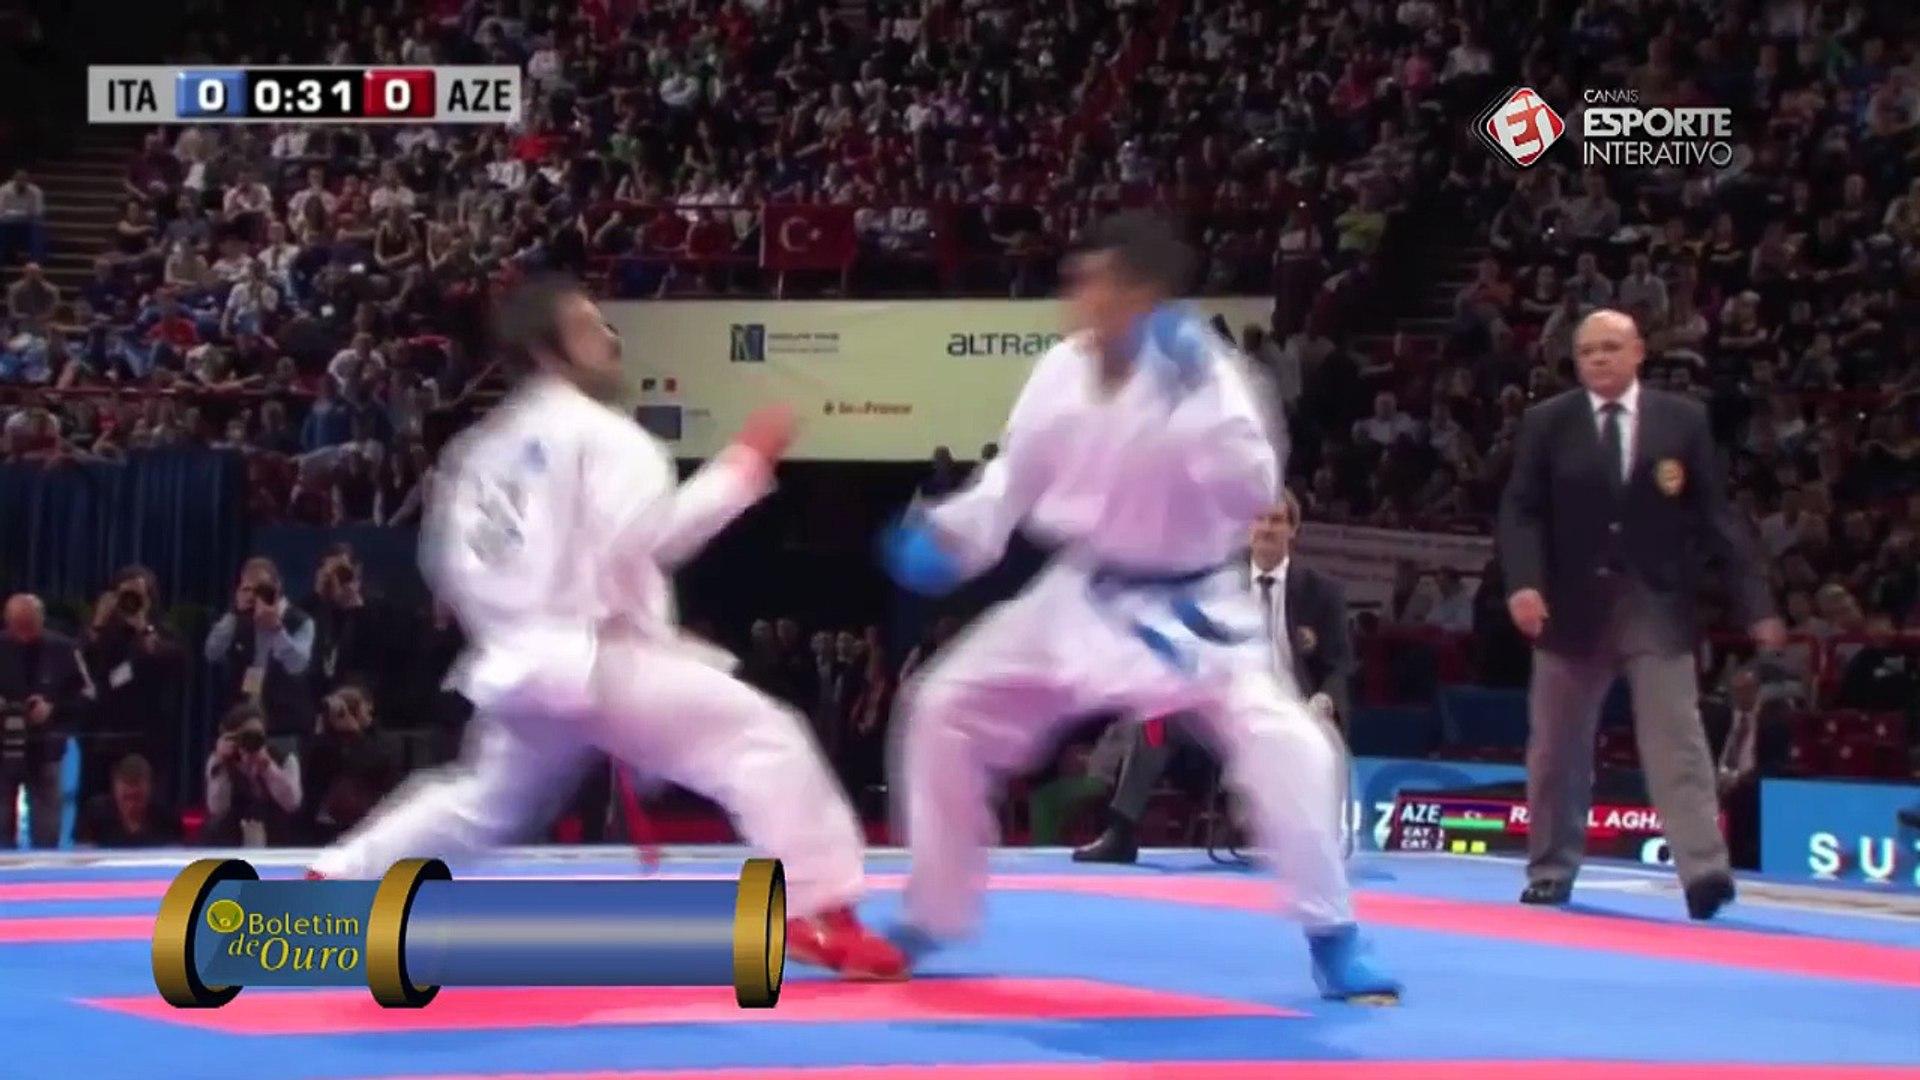 Comitê Organizador de Tóquio 2020 indica os cinco esportes a serem incluídos no programa olímpico